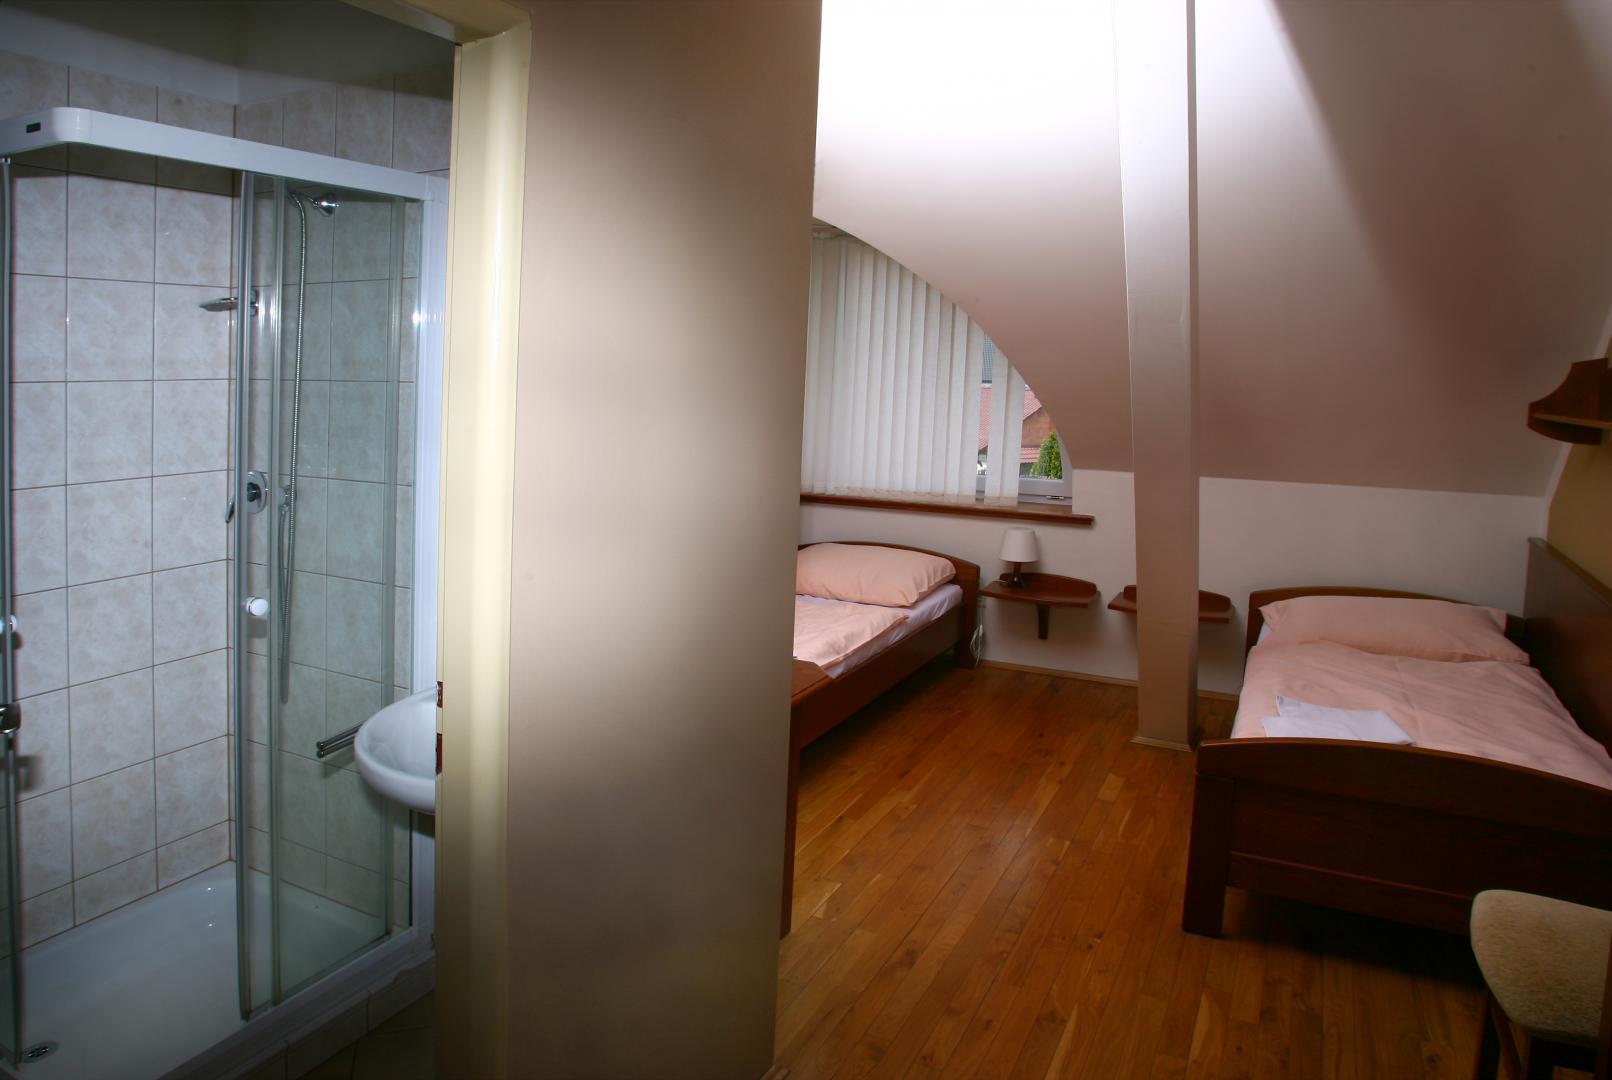 Ubytování v Pardubicích s restaurací, dvoulůžkové pokoje, apartmán